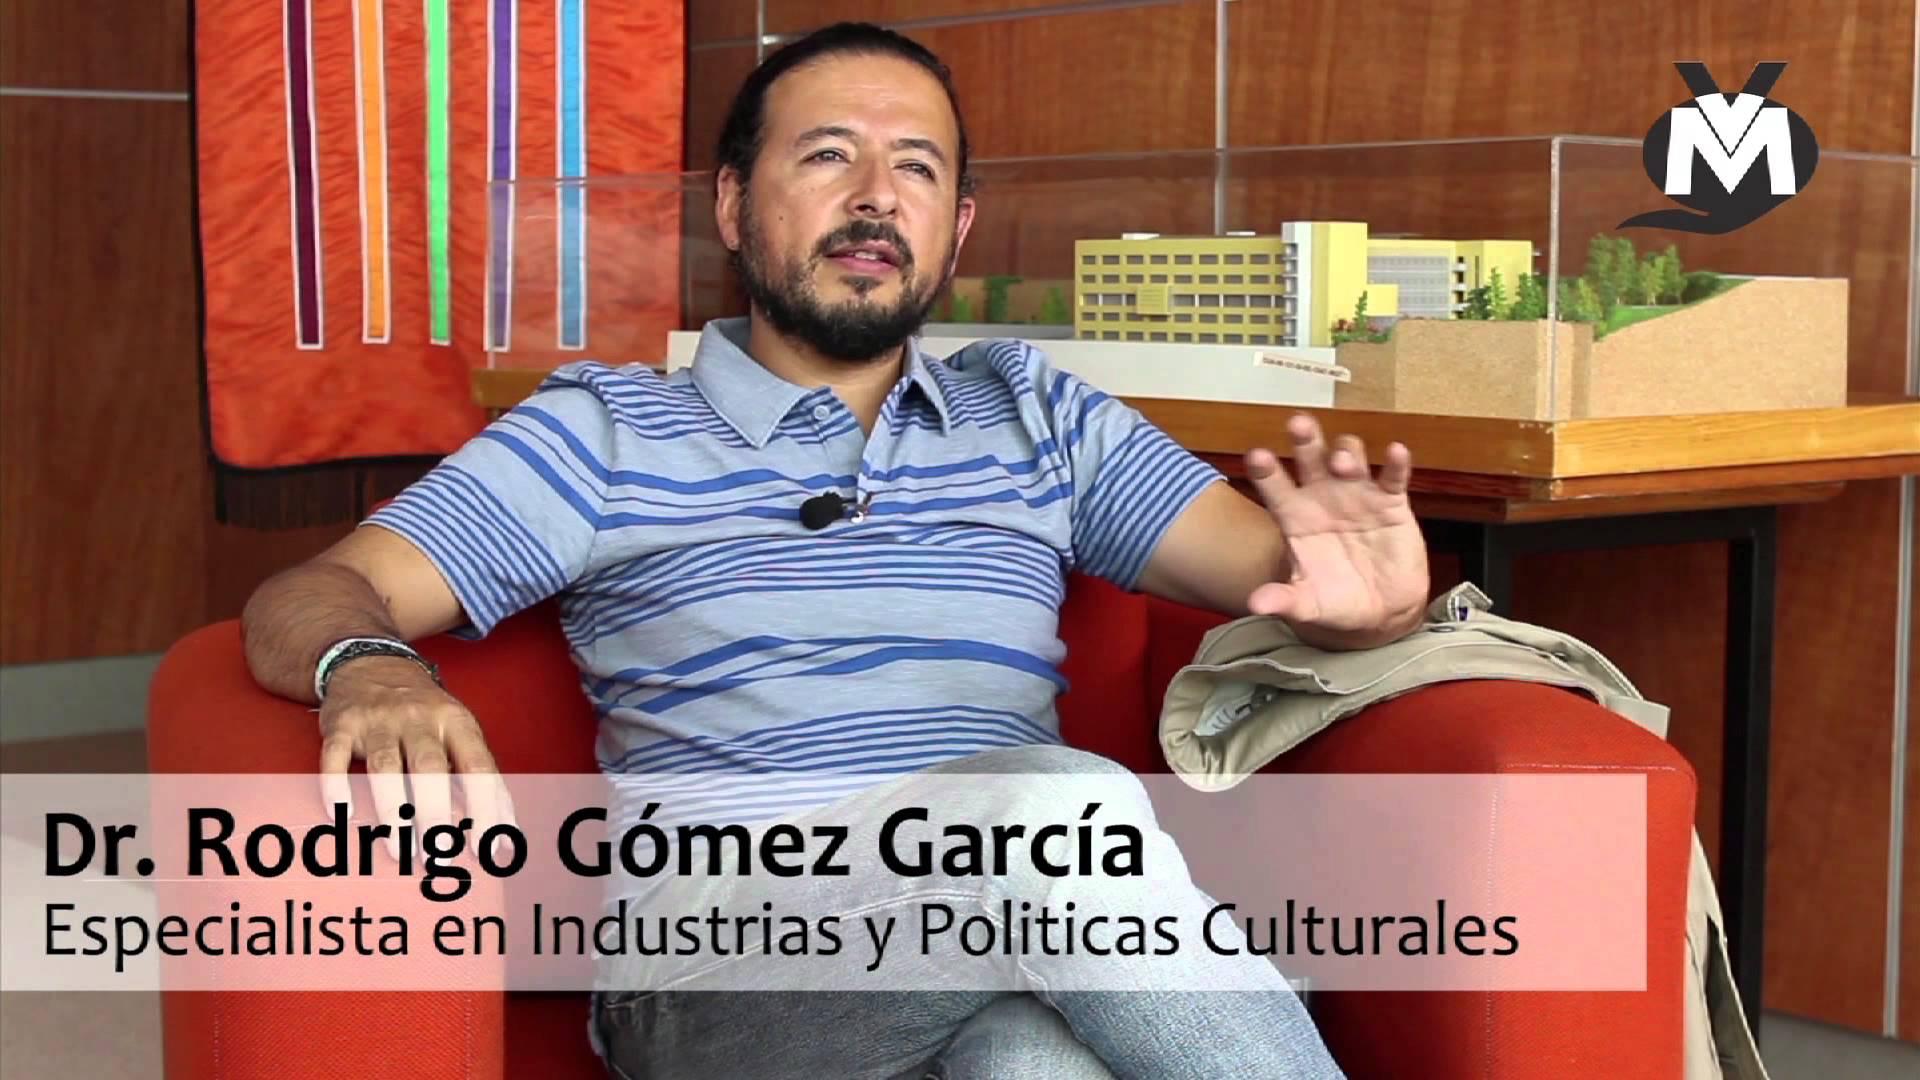 Medios y Poder Dr. Rodrigo Gómez García